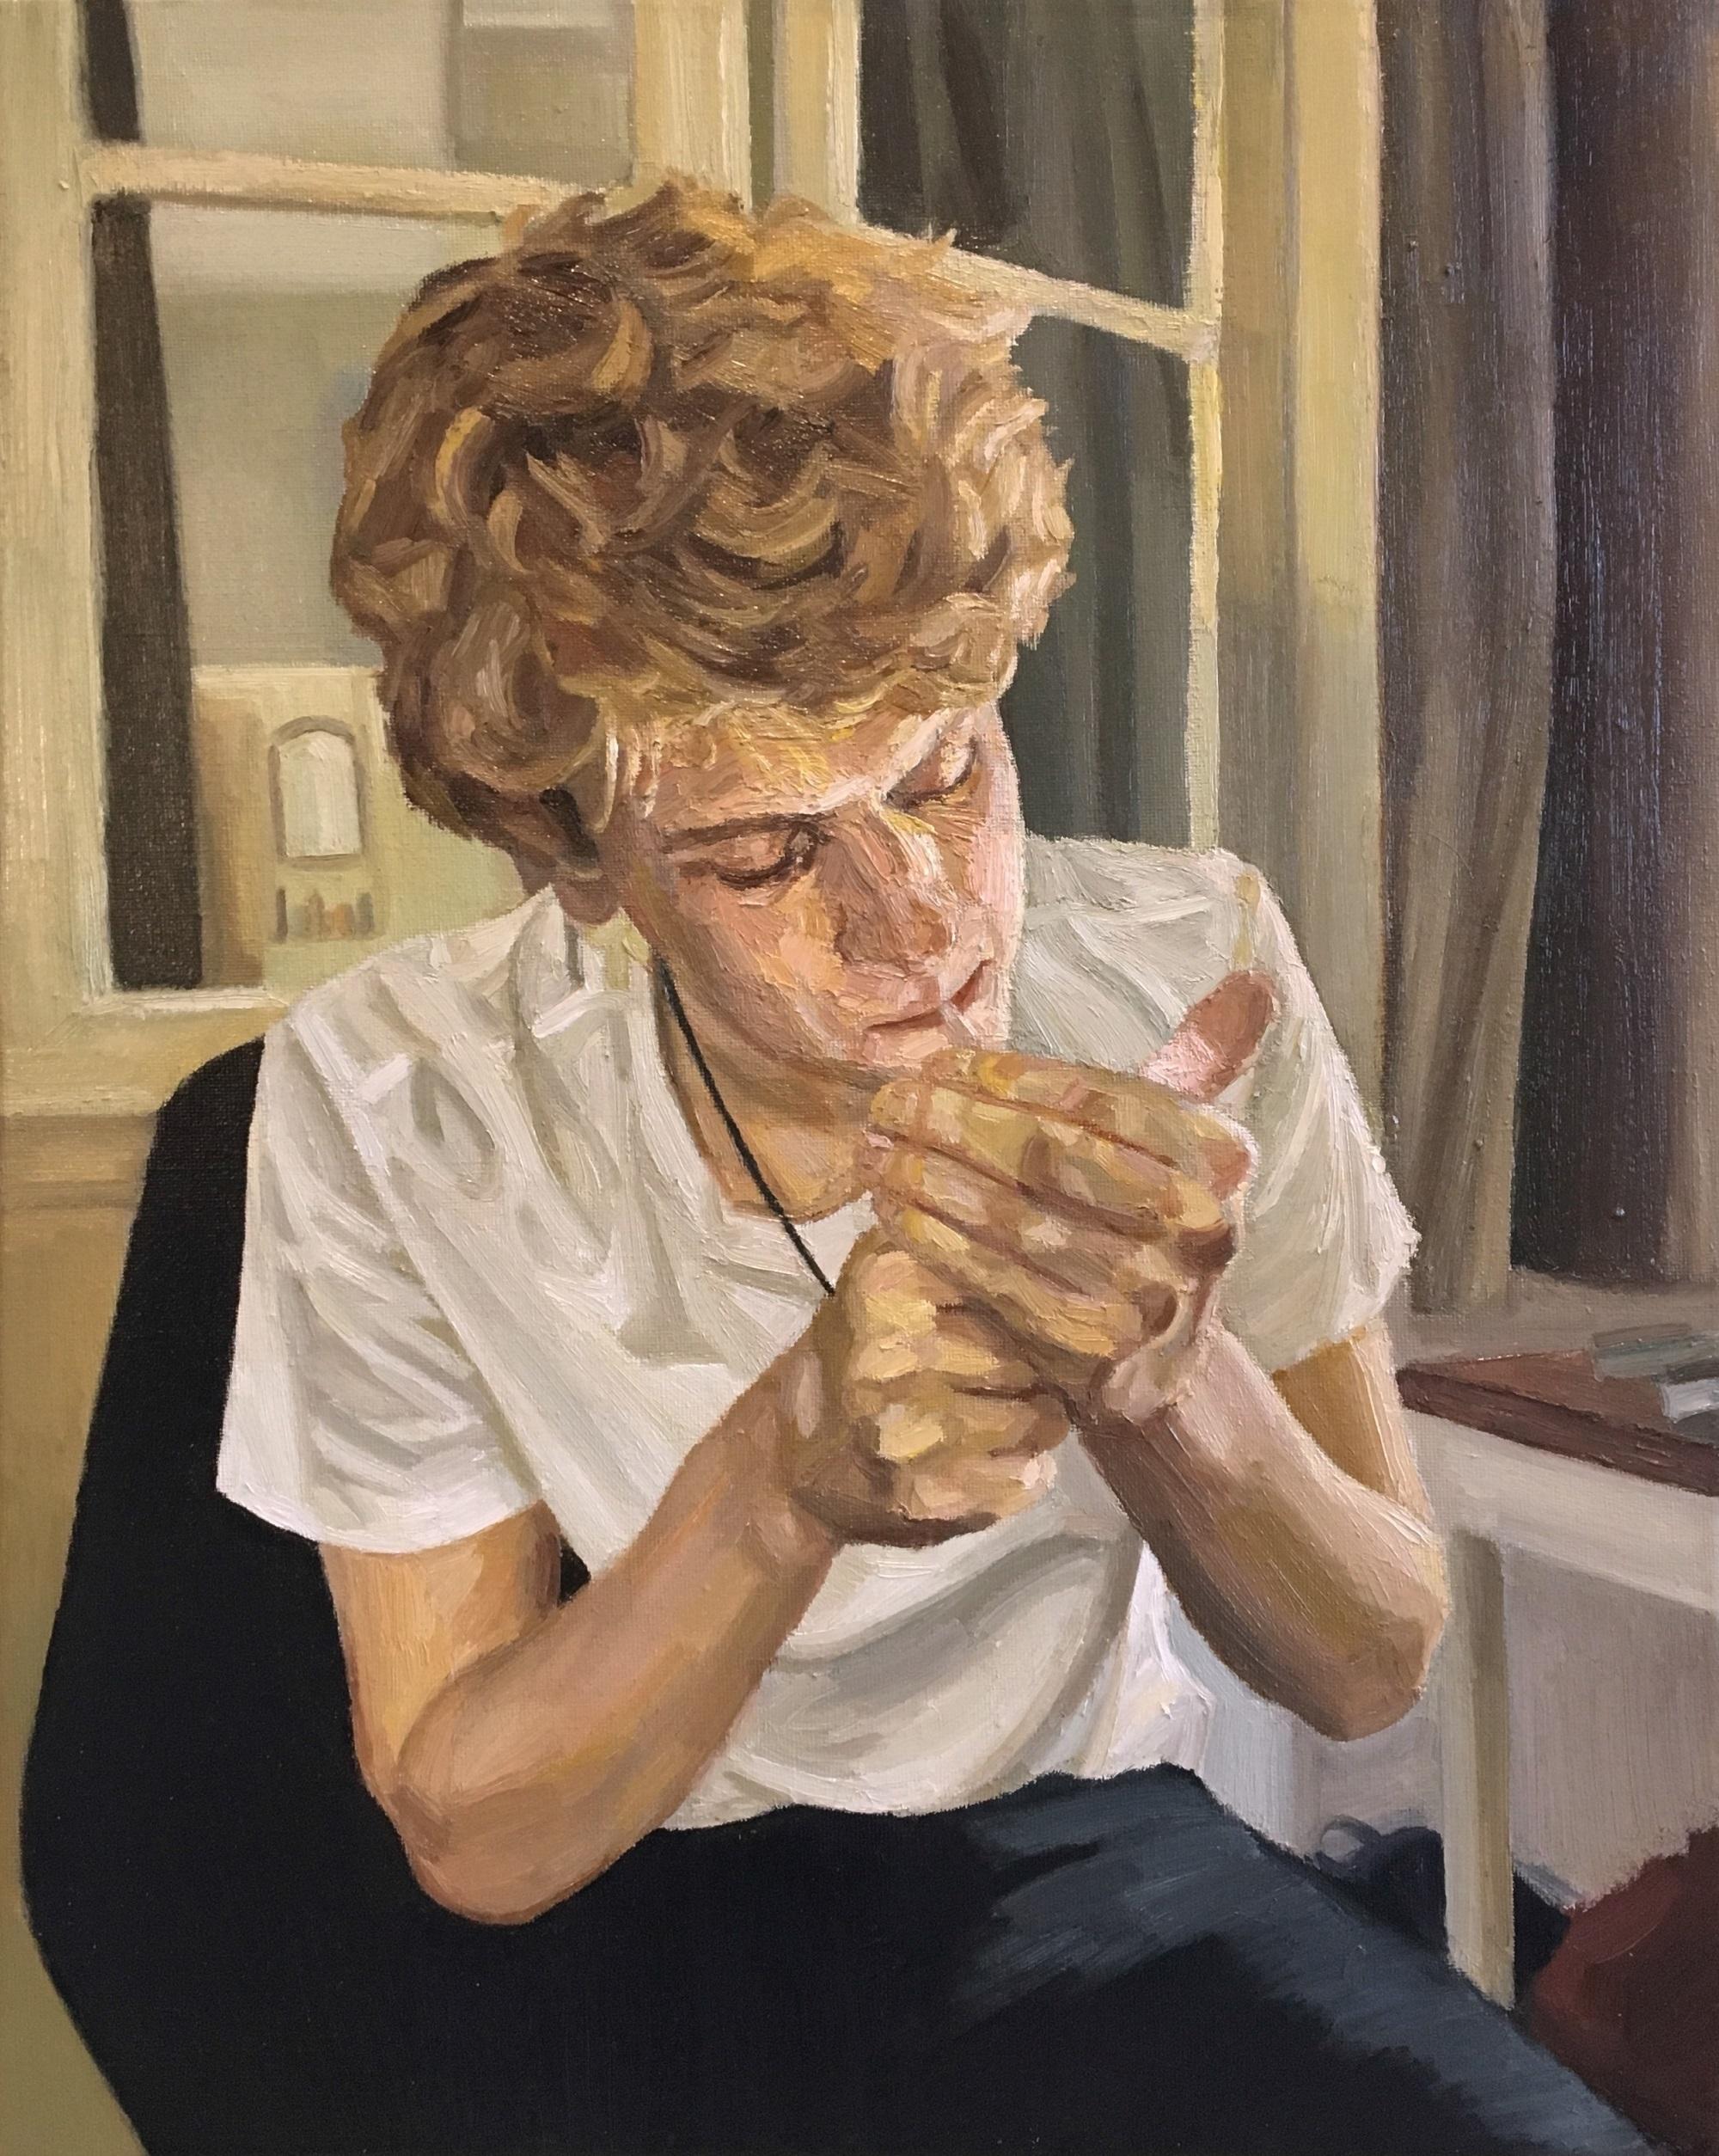 The Parisian, 2015 William GC Brown oil on canvas, 50cm x 40cm